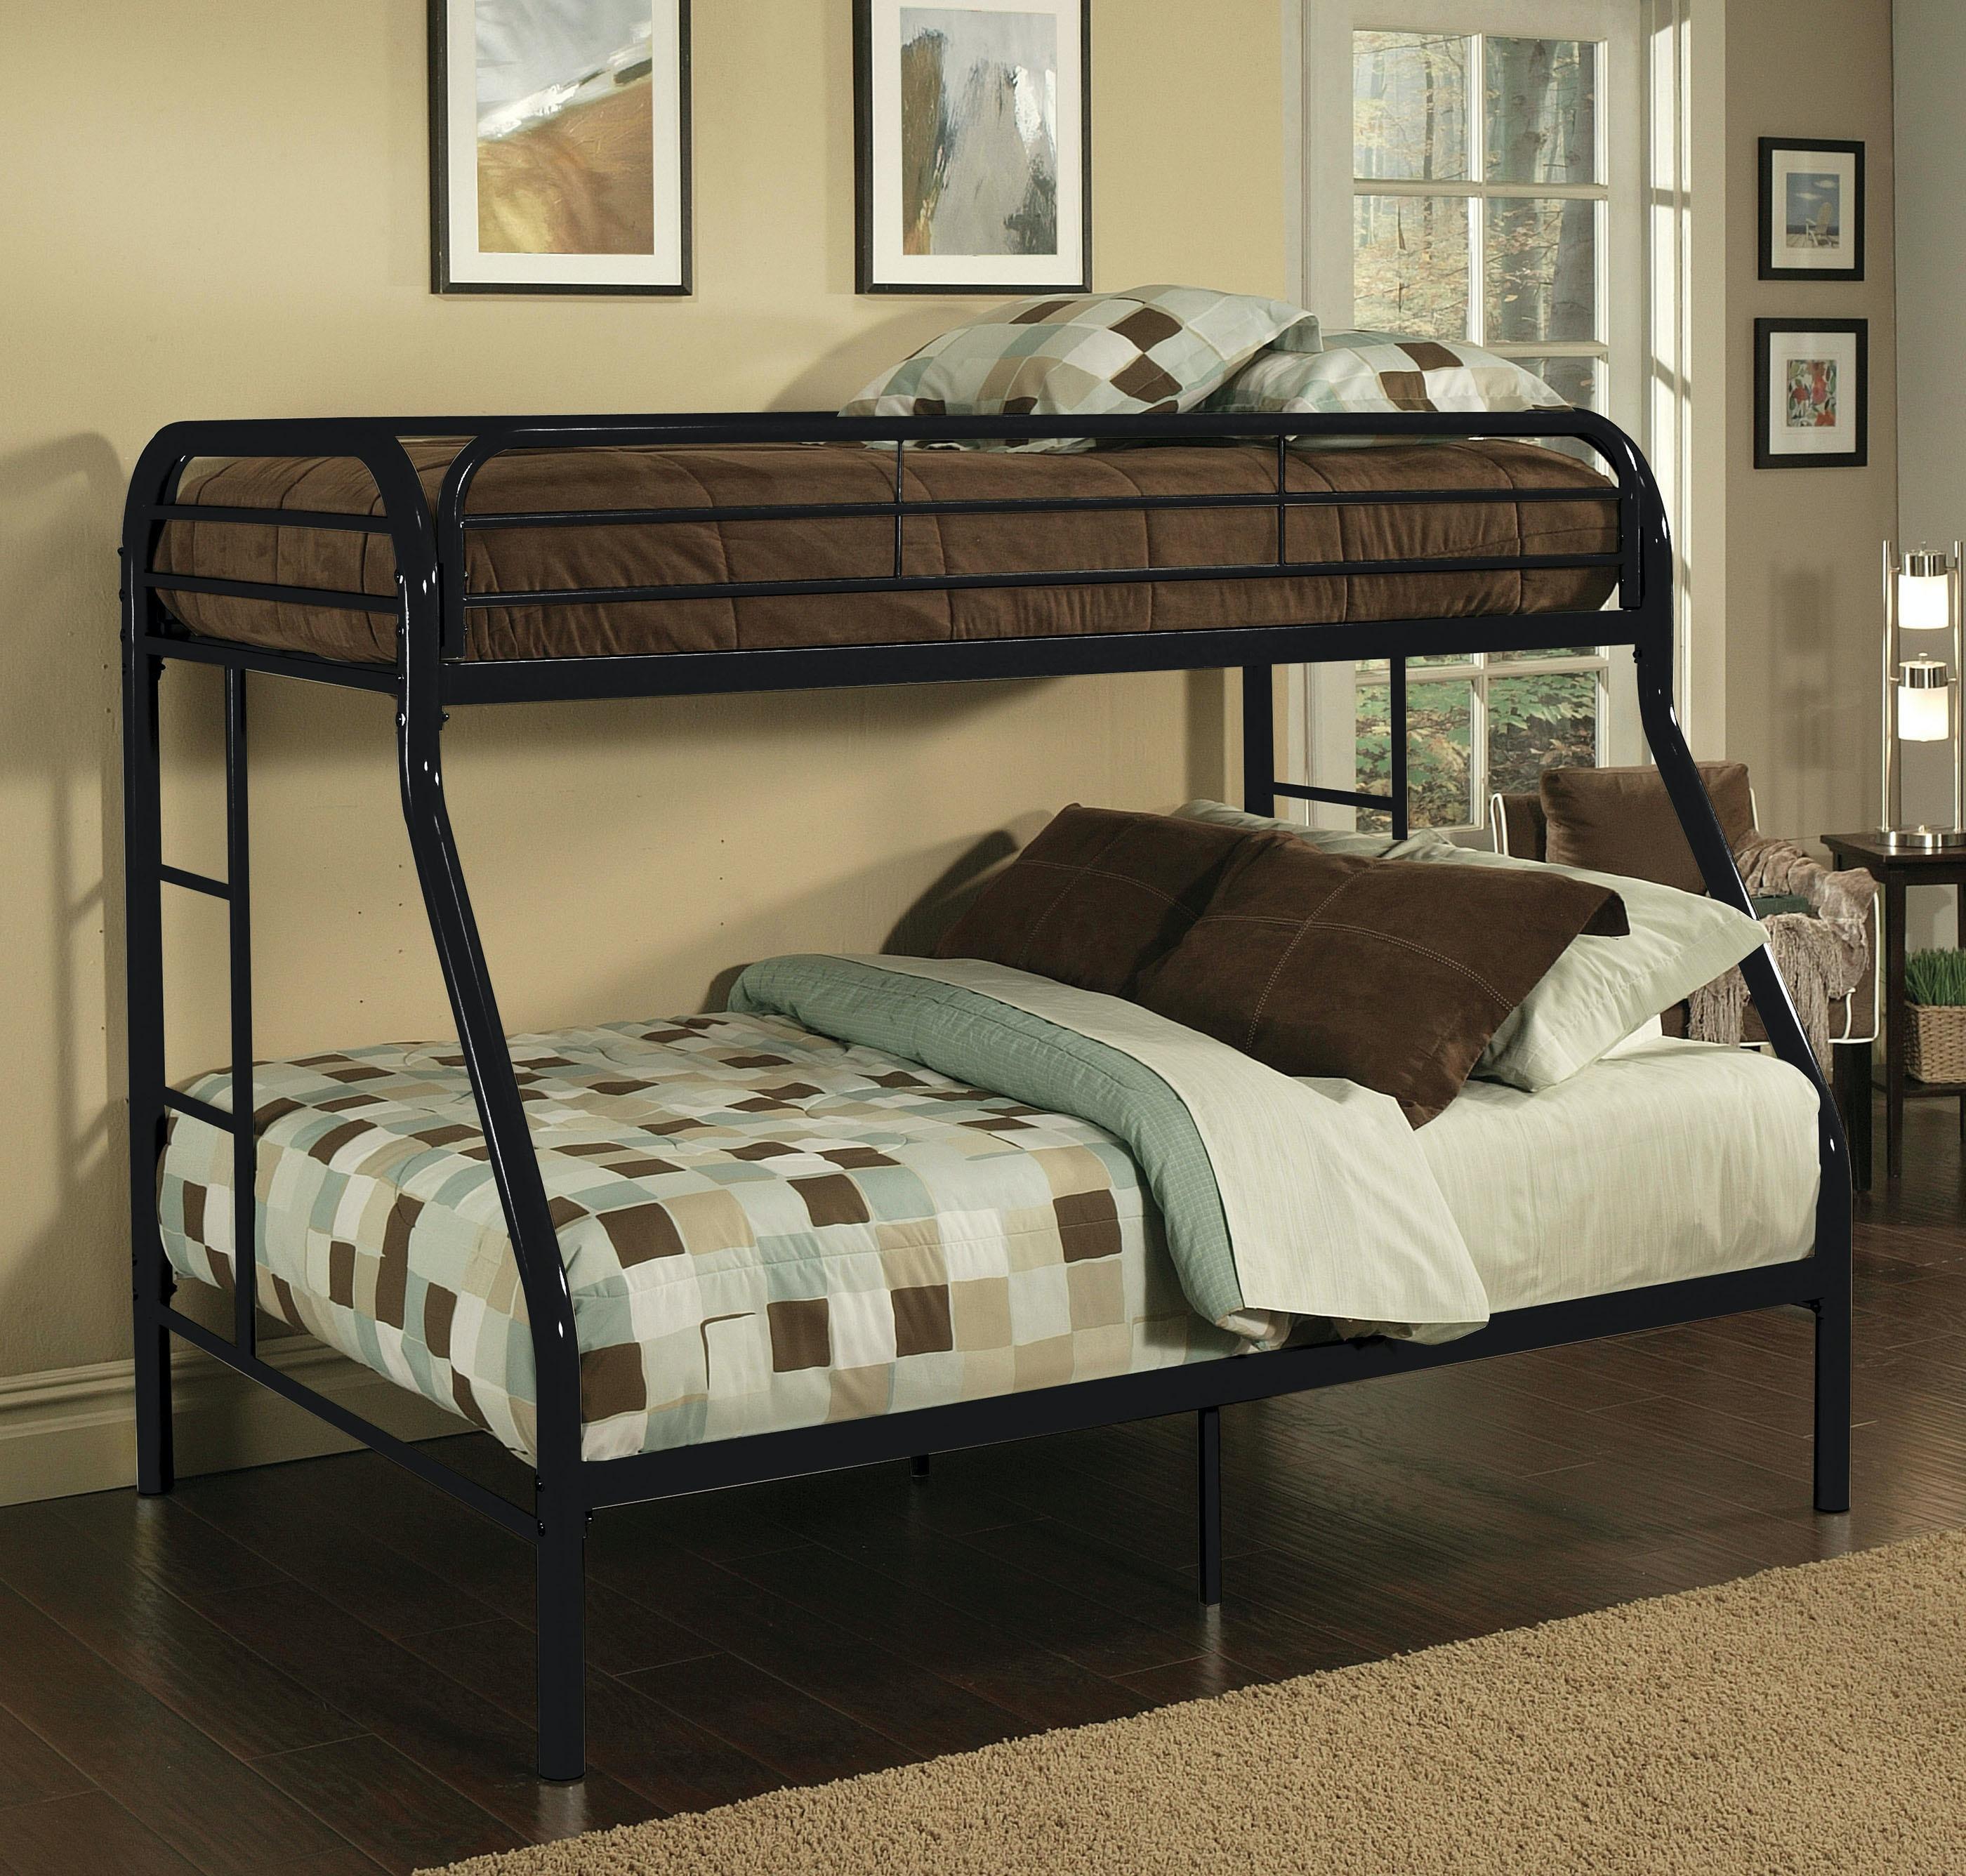 Bedroom Beds - Aaron's Fine Furniture - Altamonte Springs, FL